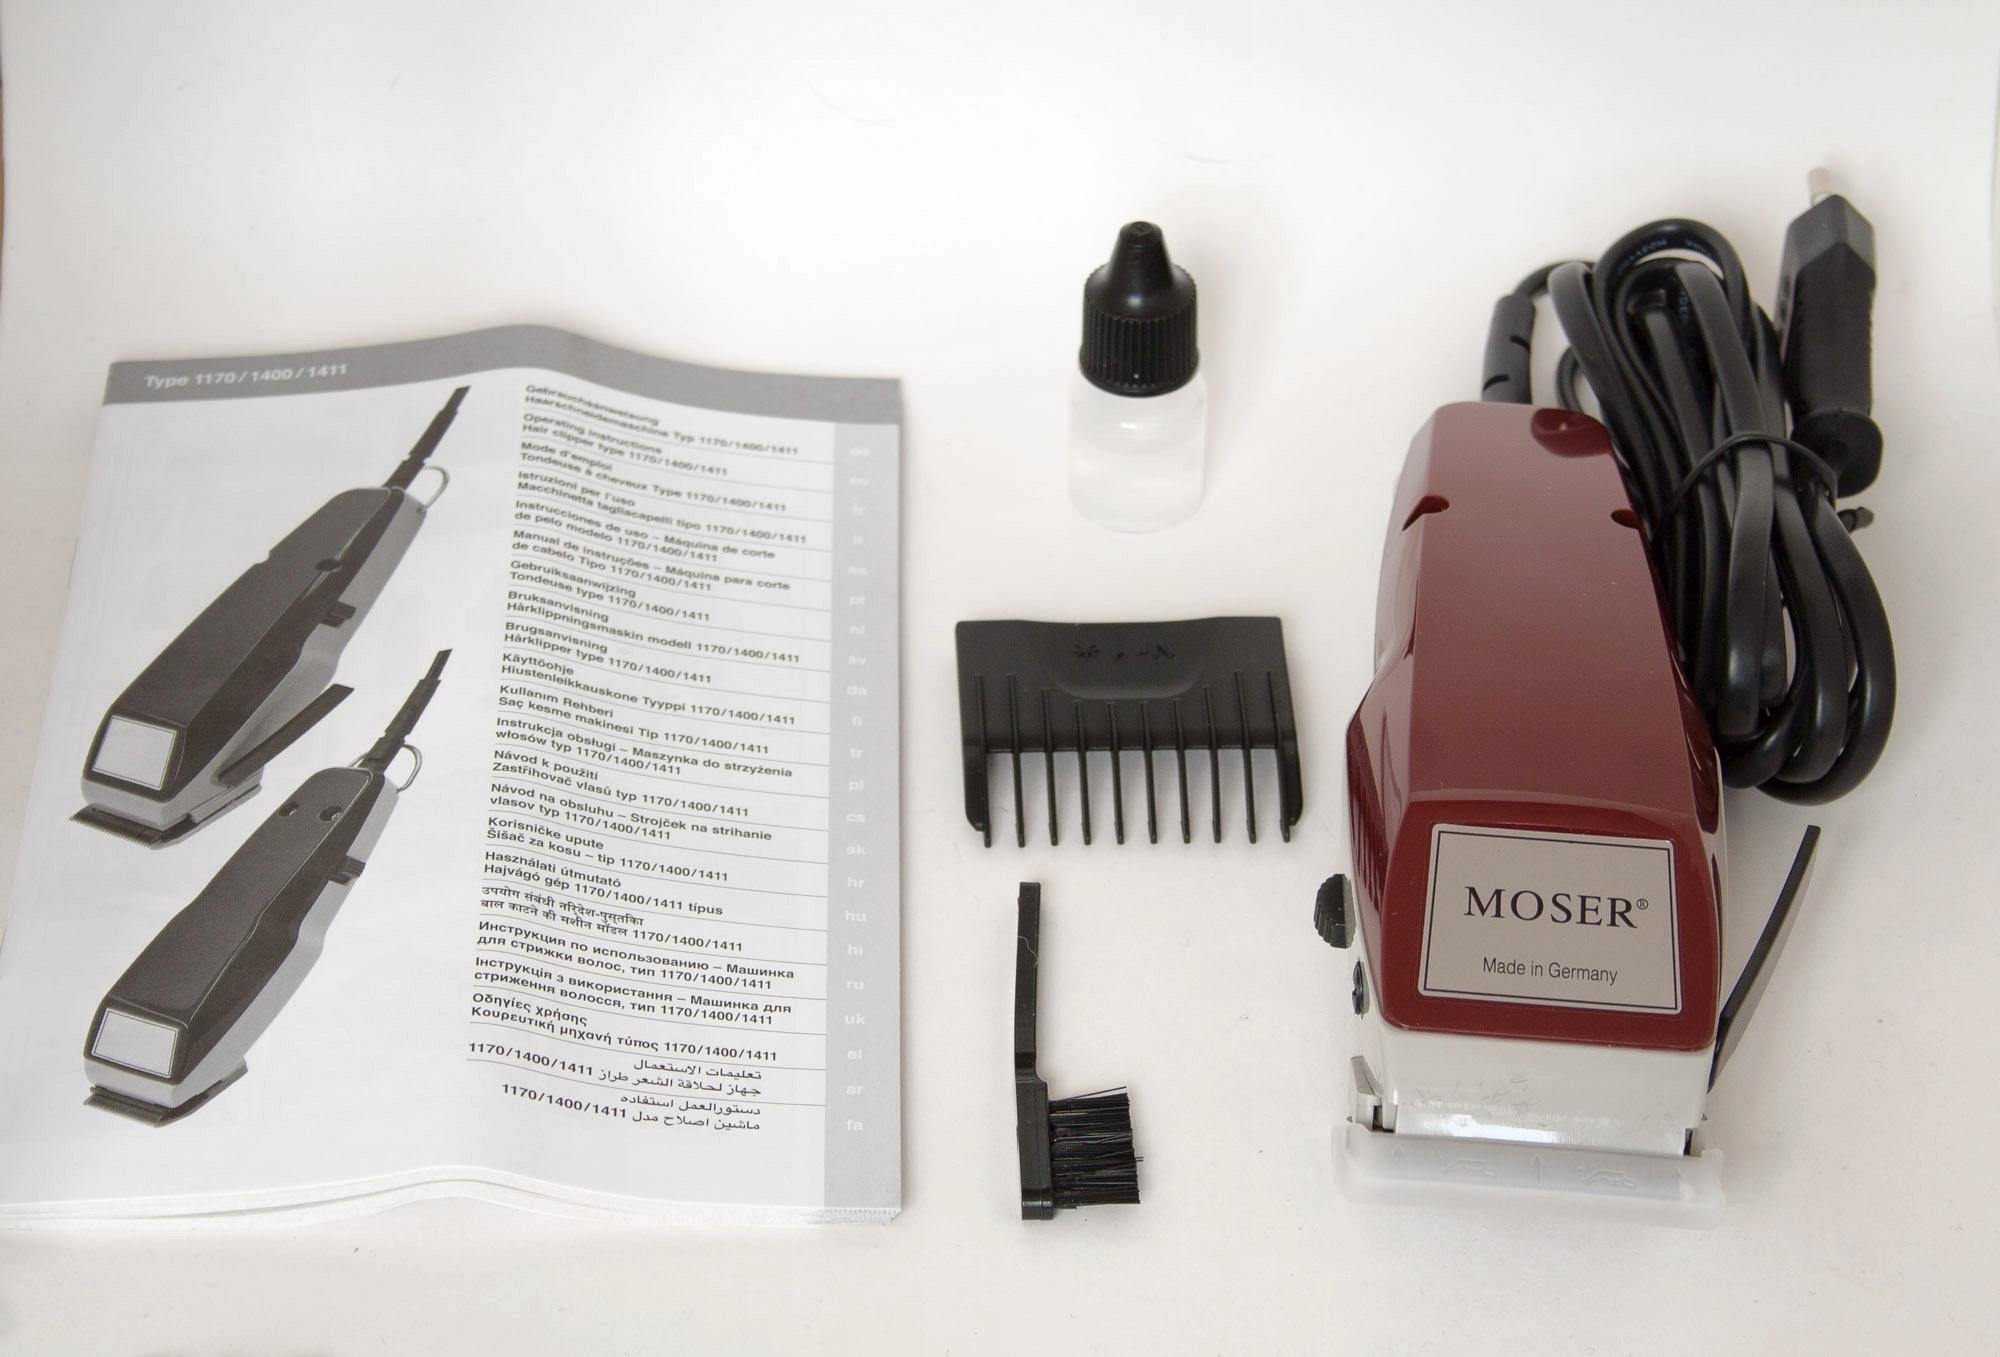 Машинка для стрижки волос moser 1400-0051 отзывы парикмахеров